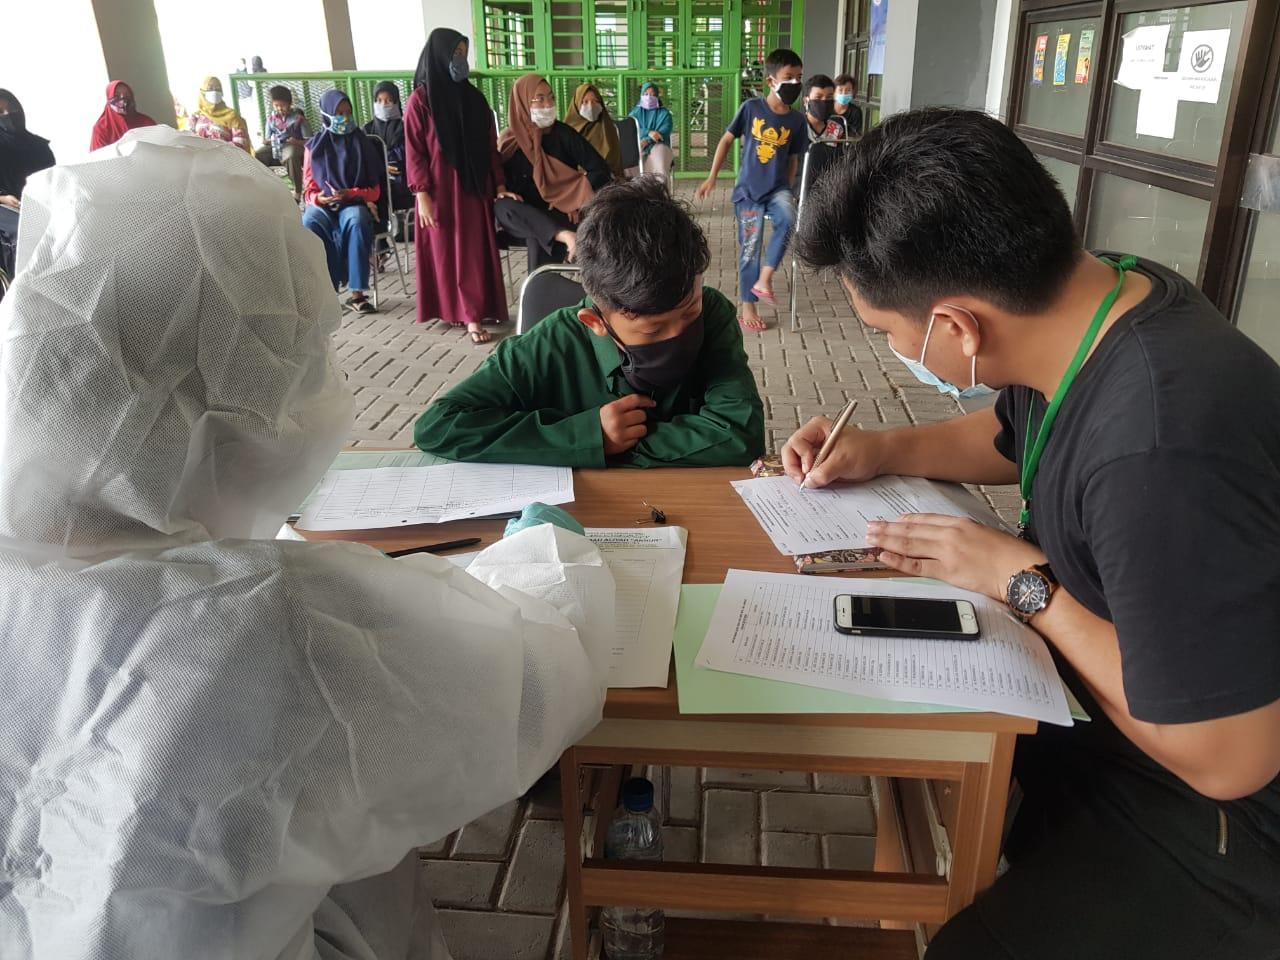 Jelang KBM Ratusan Santri Dan Guru Pesantren di Bekasi Ikuti Rapid Tes Massal BEKASIMEDIA.COM | MEDIA BEKASI SEJAK 2014